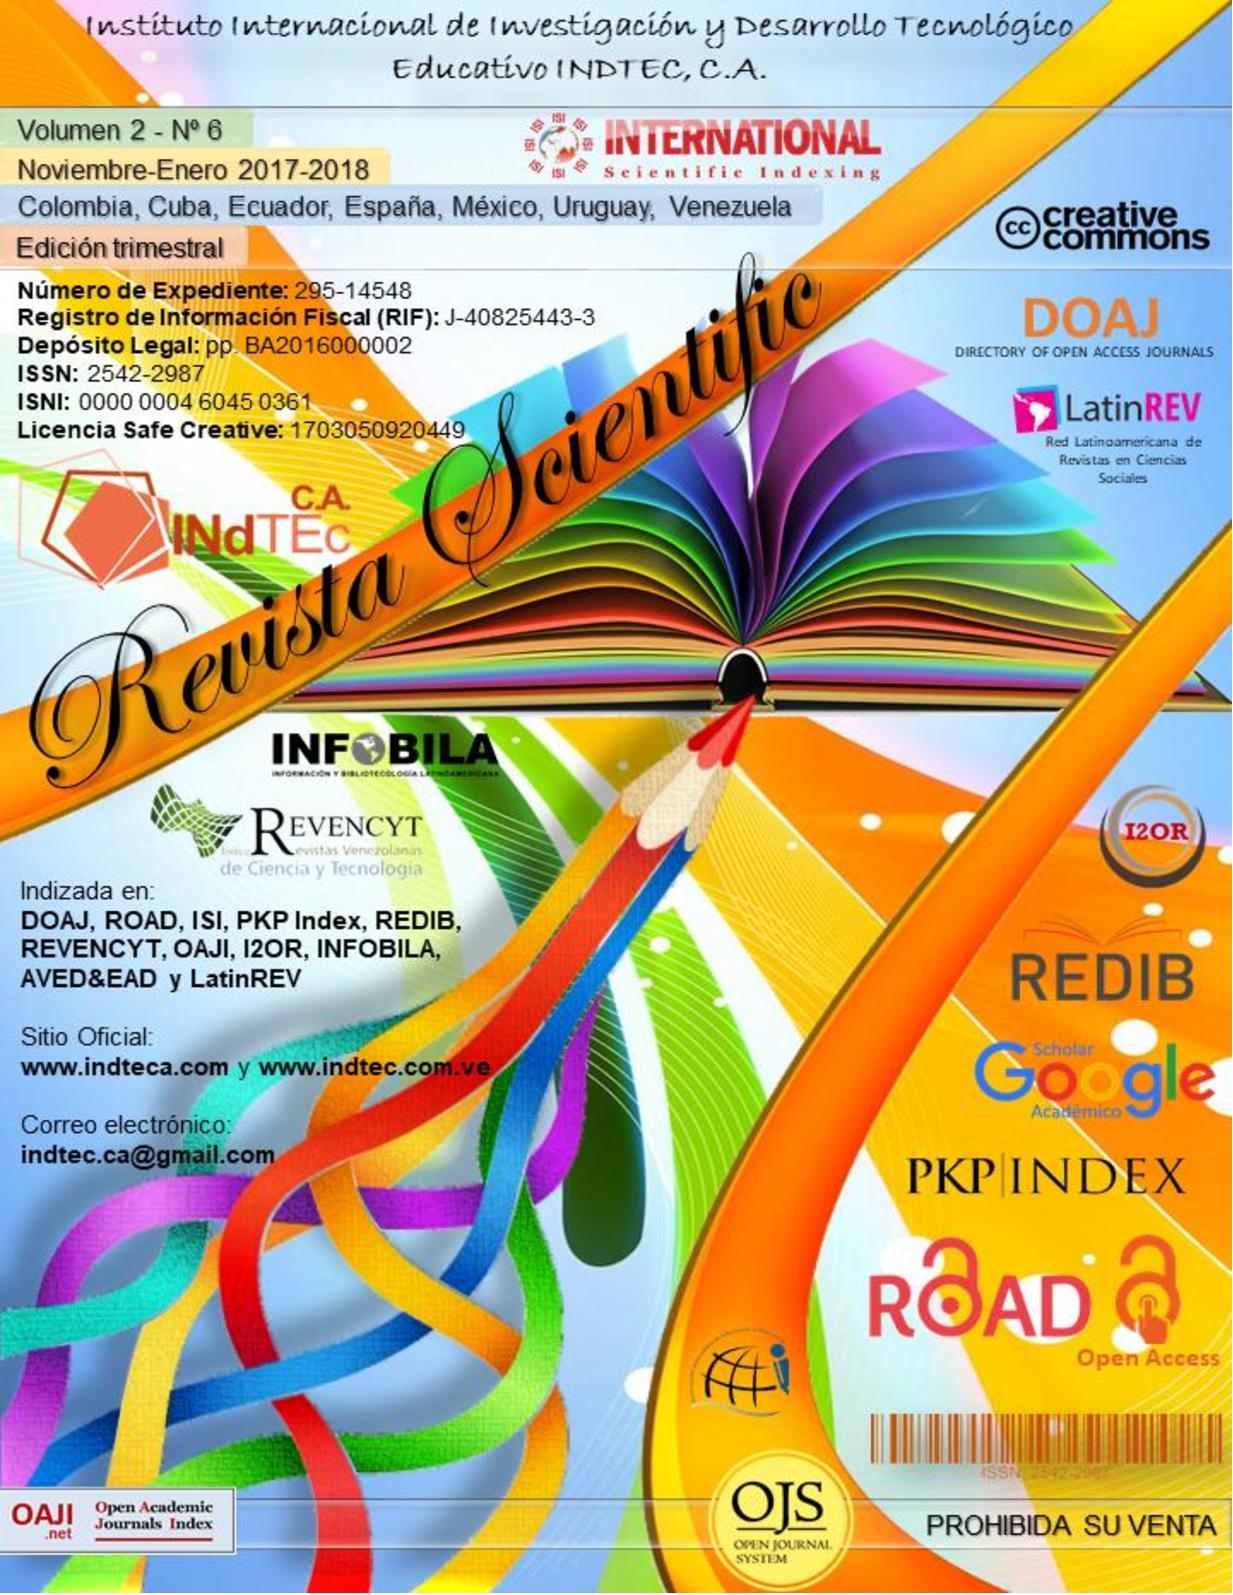 Calaméo Revista Scientific Volumen 2 Nº 6 Noviembre Enero